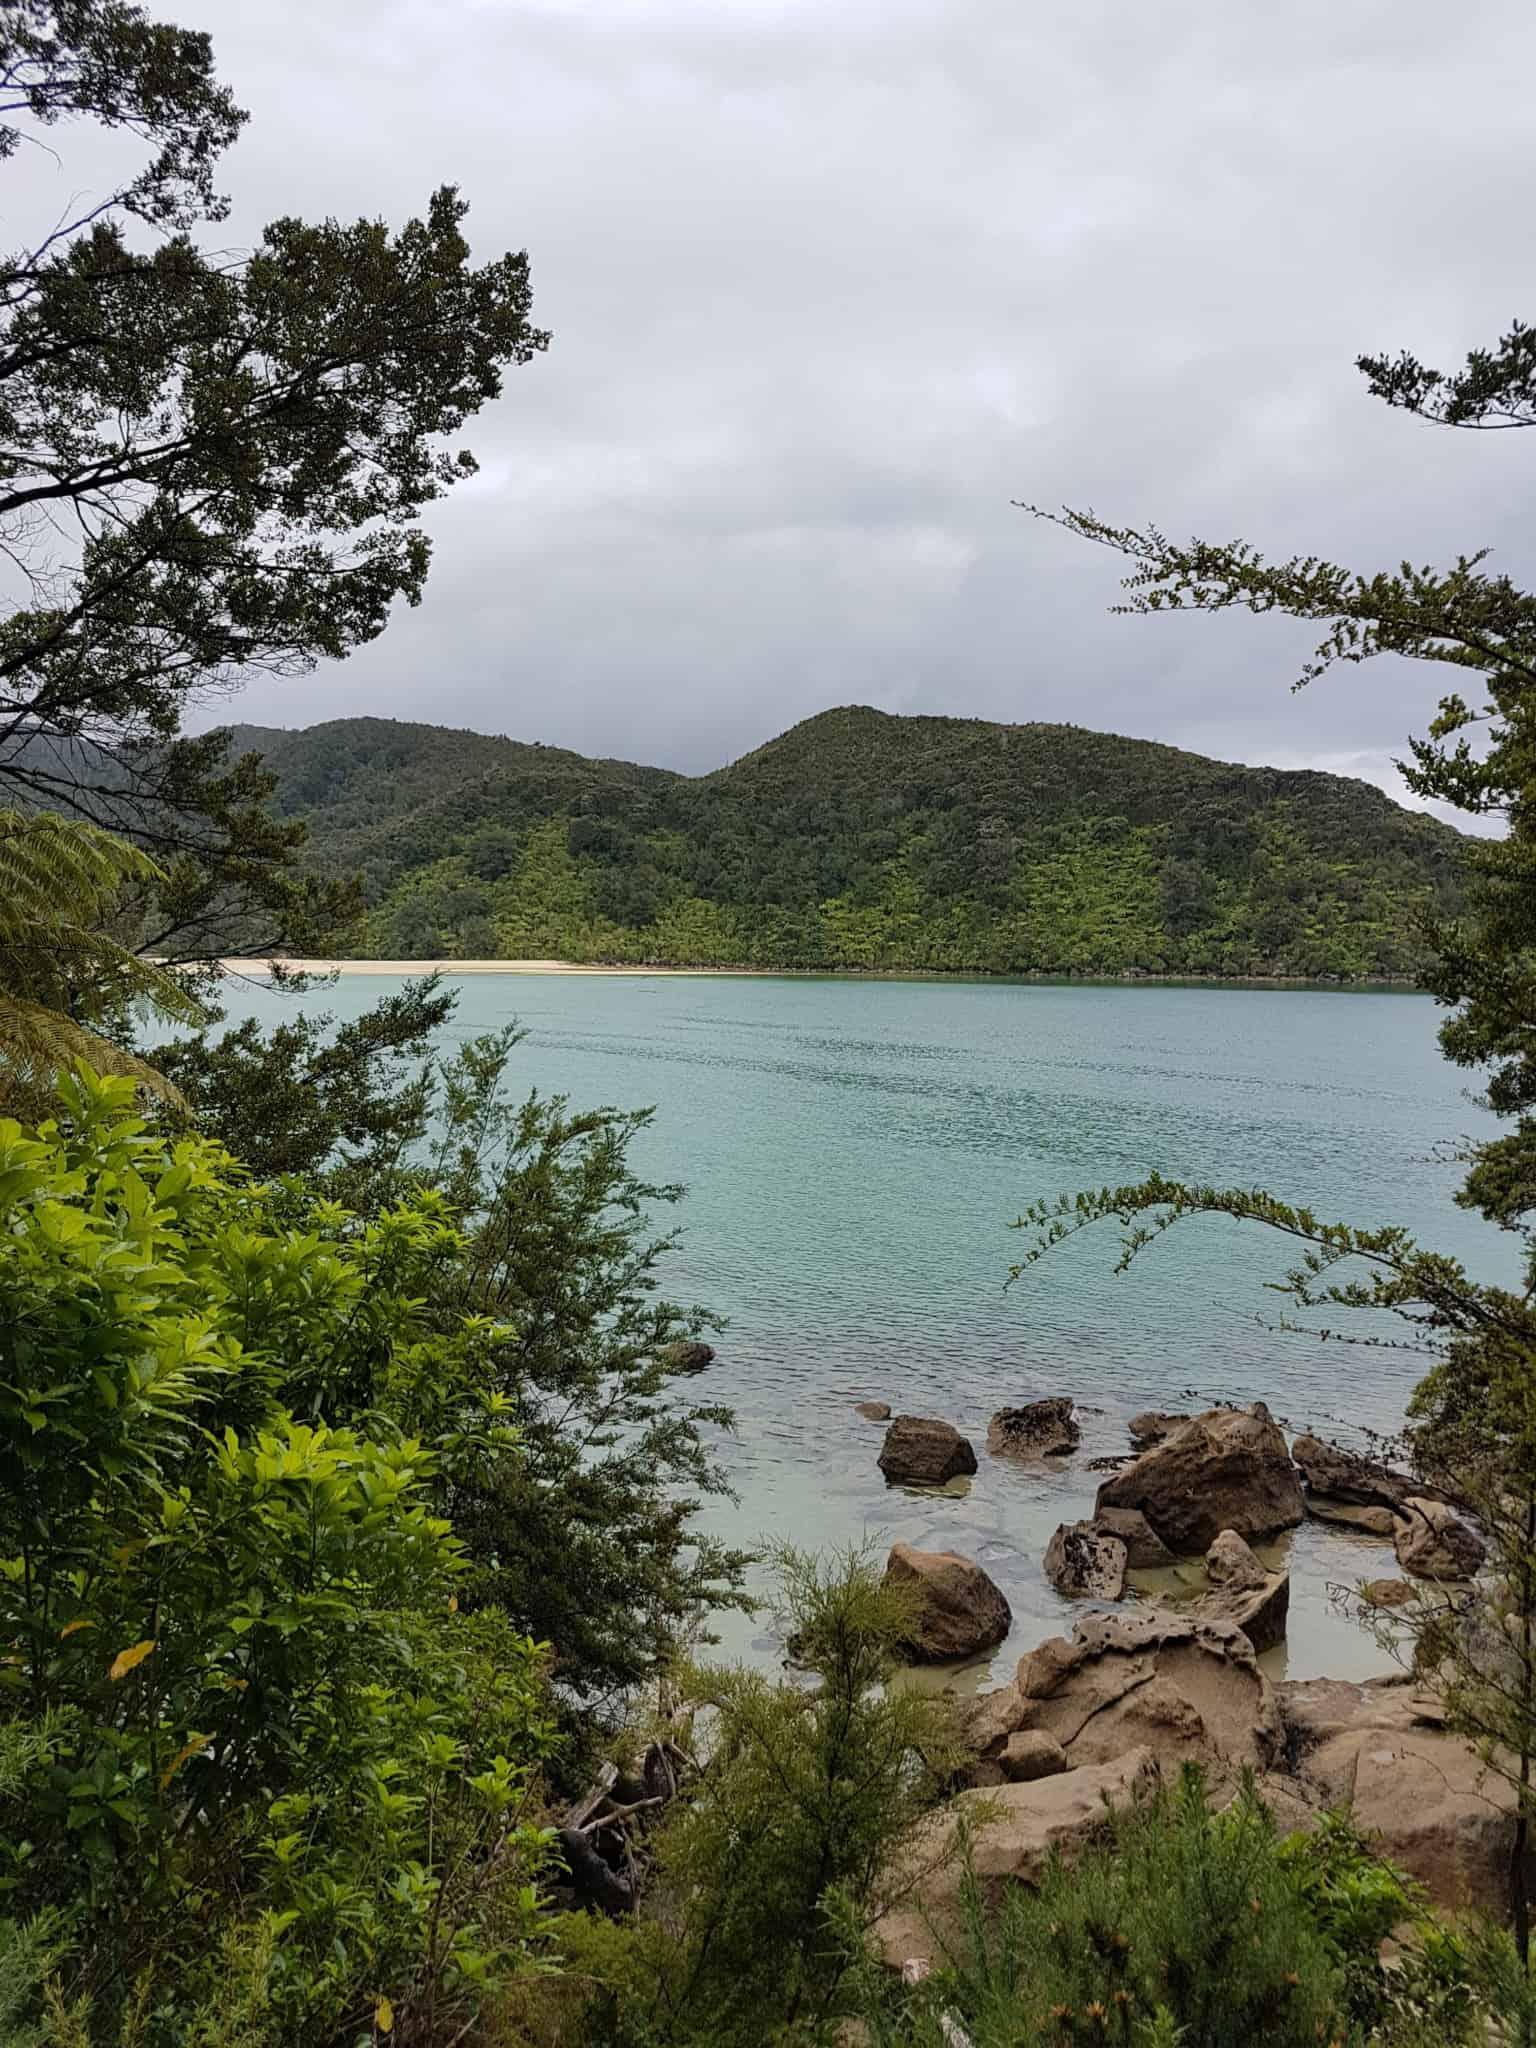 Nouvelle-Zélande, 24 km de randonnée sous la pluie dans le parc d'Abel Tasman 🌧 13